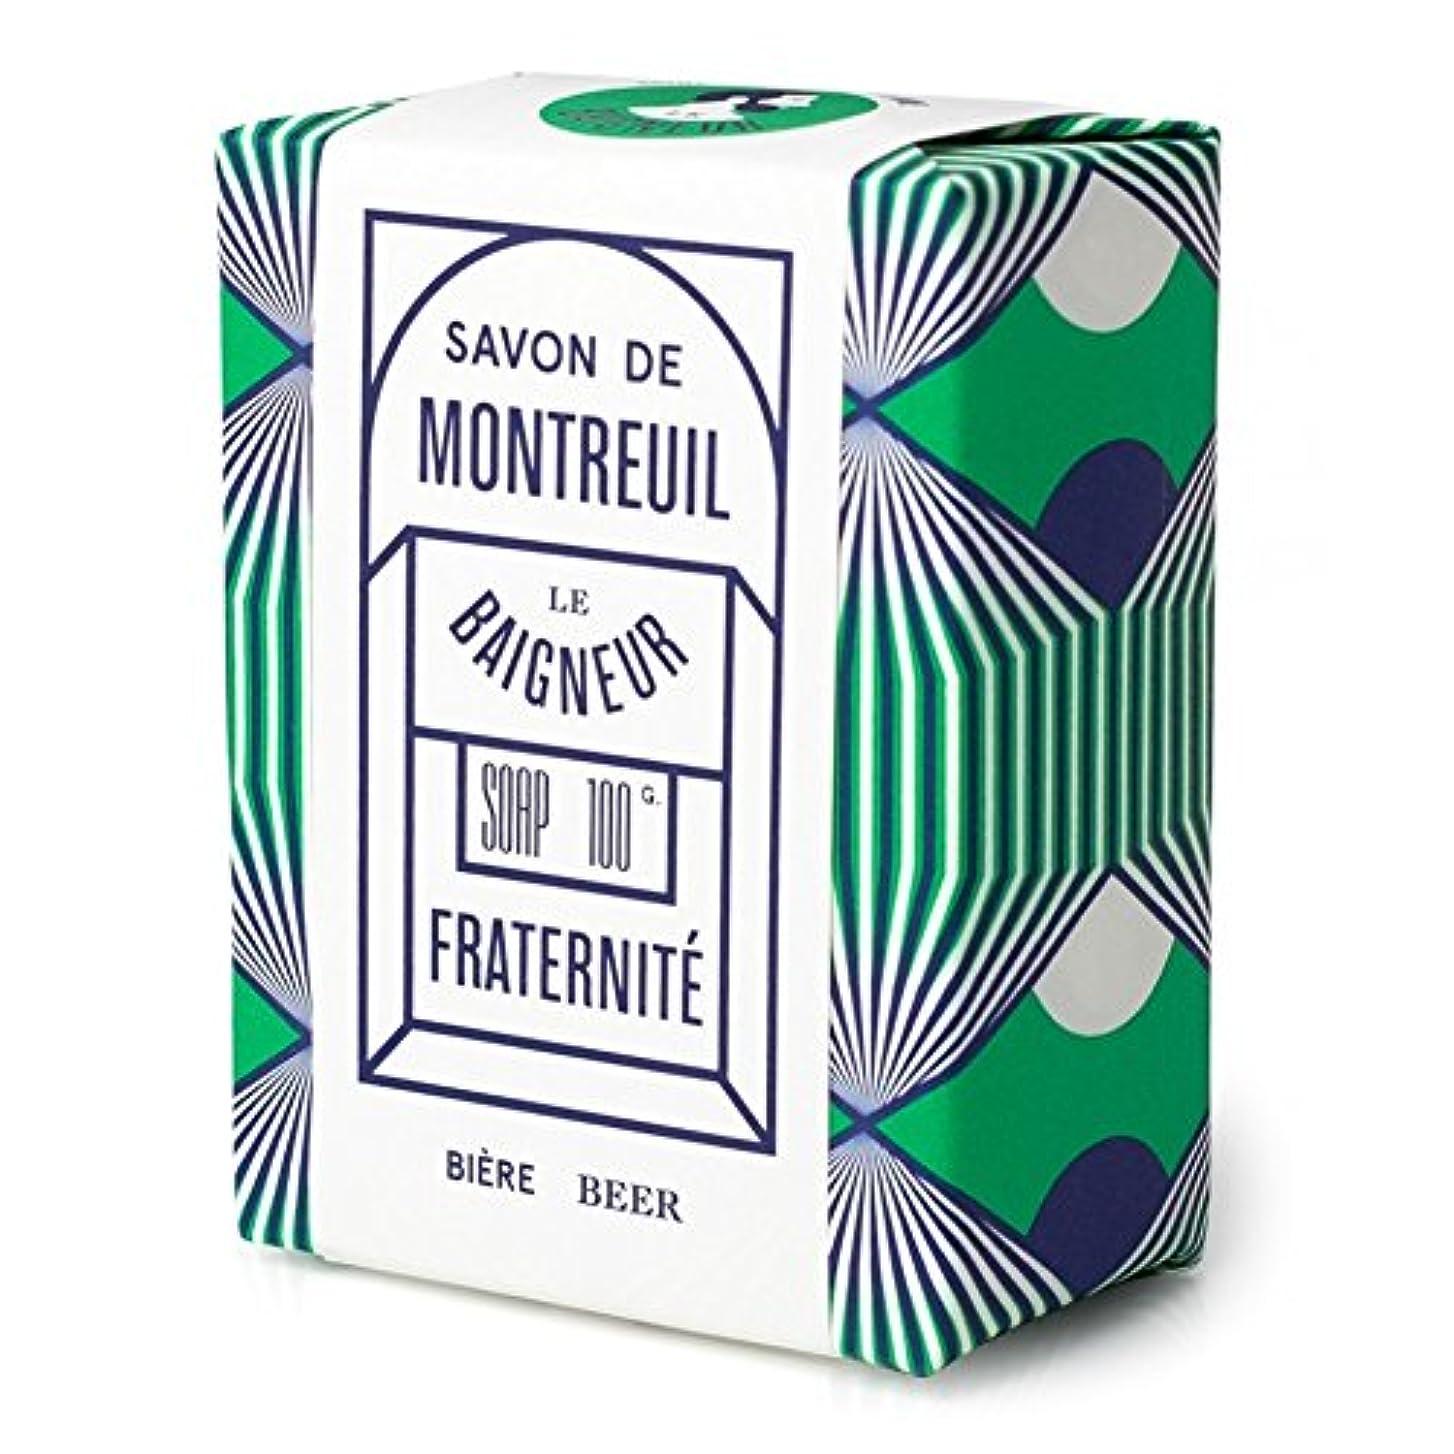 キャスト自殺懇願するル 石鹸100グラム x4 - Le Baigneur Fraternite Soap 100g (Pack of 4) [並行輸入品]